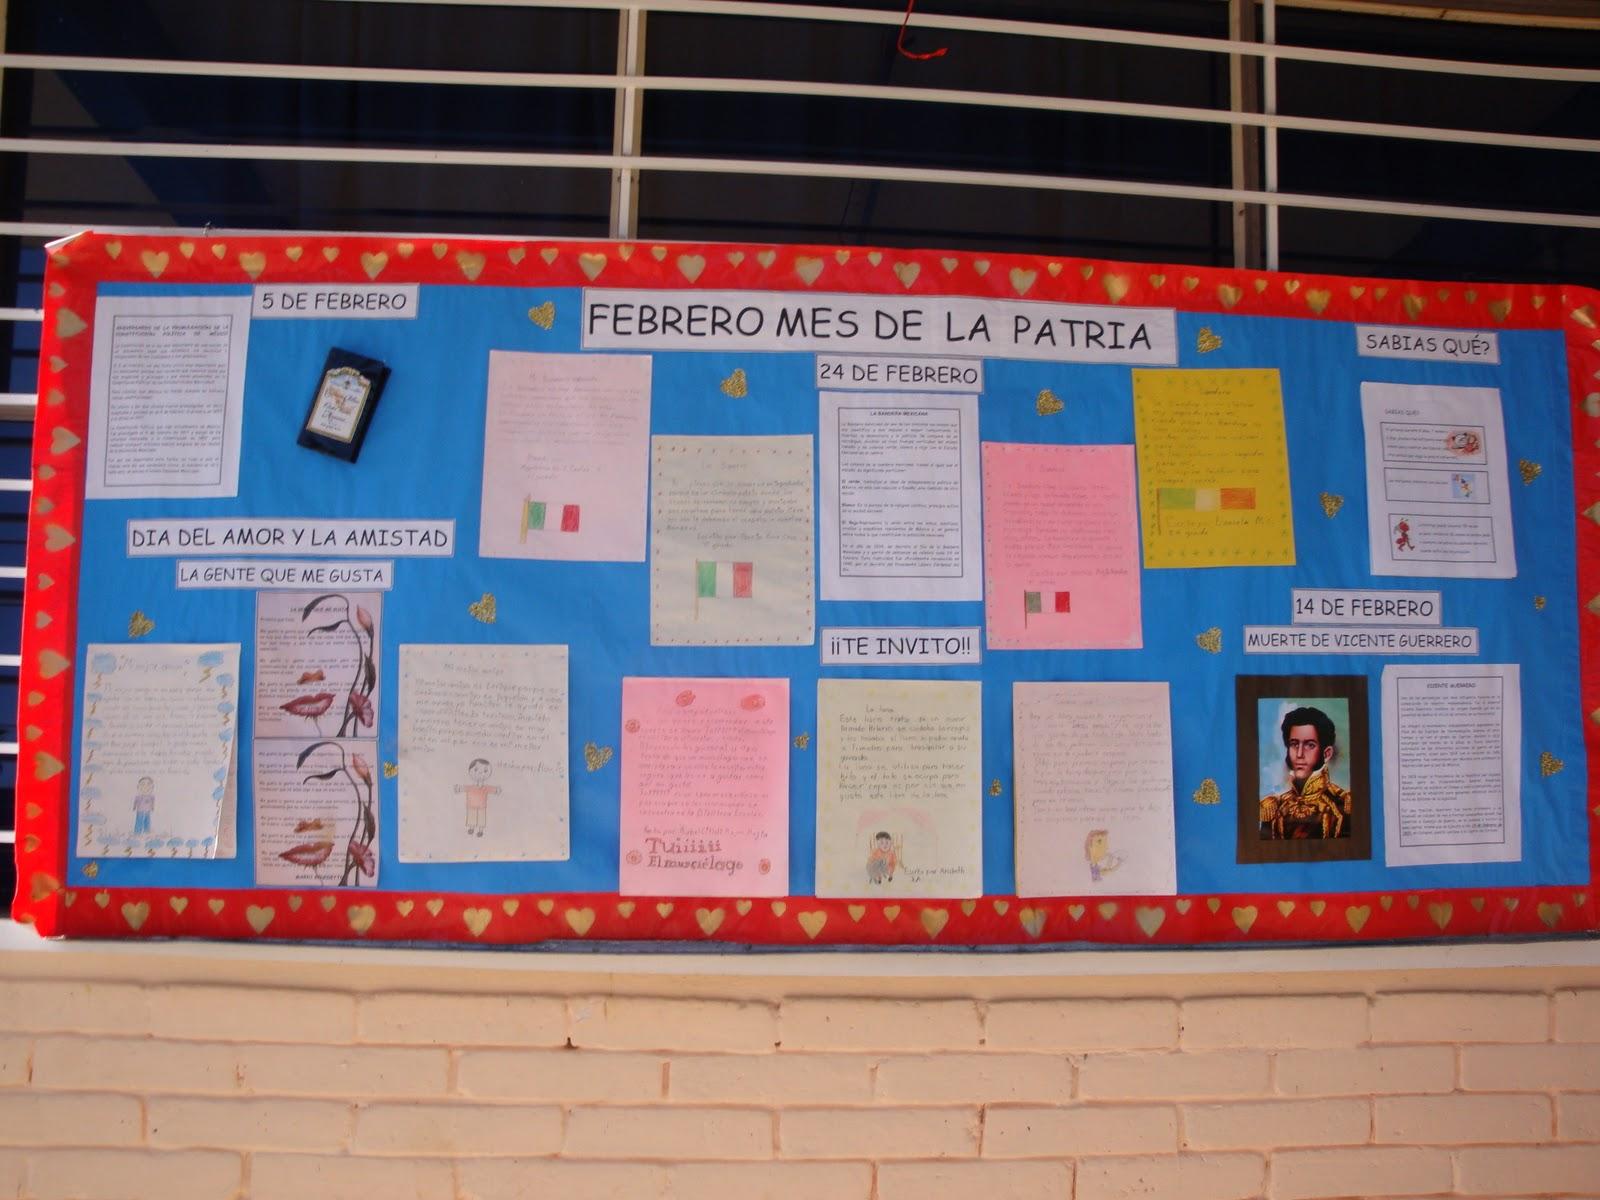 Periodico mural amenidades de periodico mural related keywords for El periodico mural